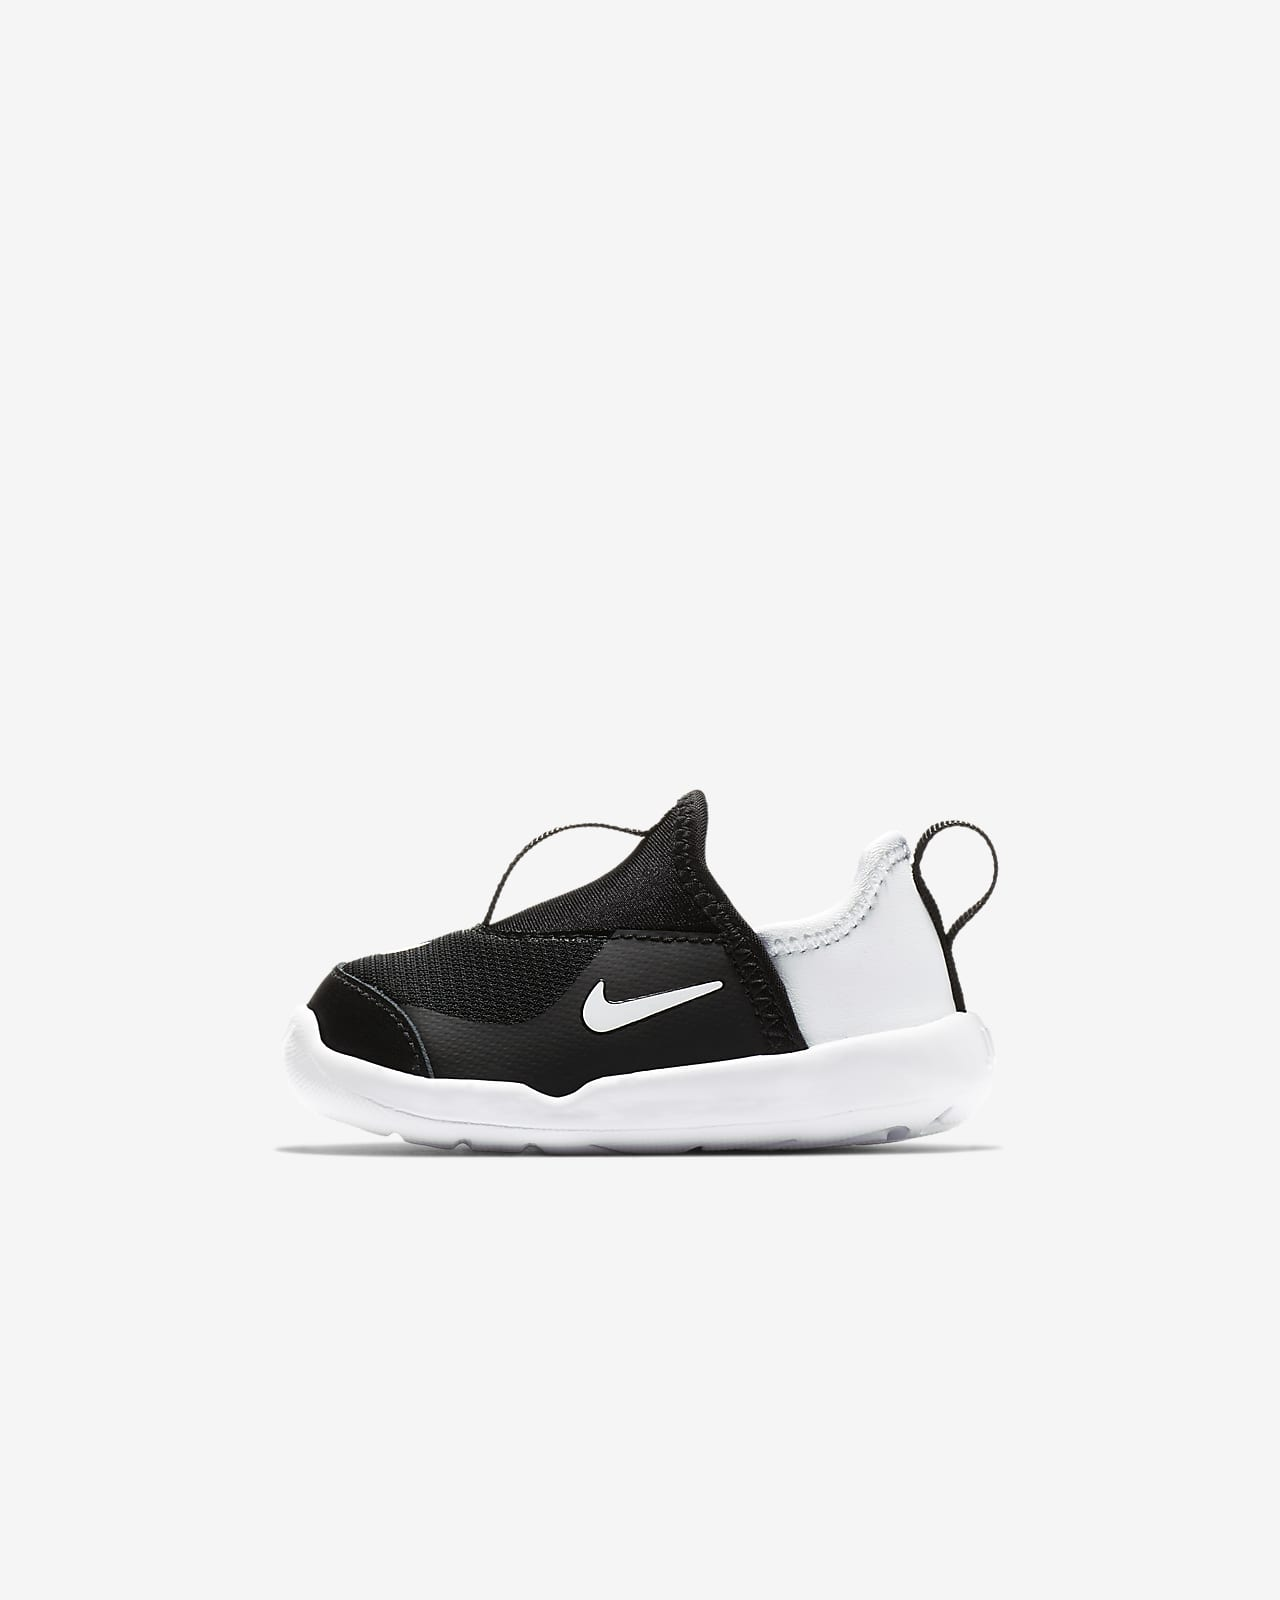 รองเท้าทารก/เด็กวัยหัดเดิน Nike Lil' Swoosh